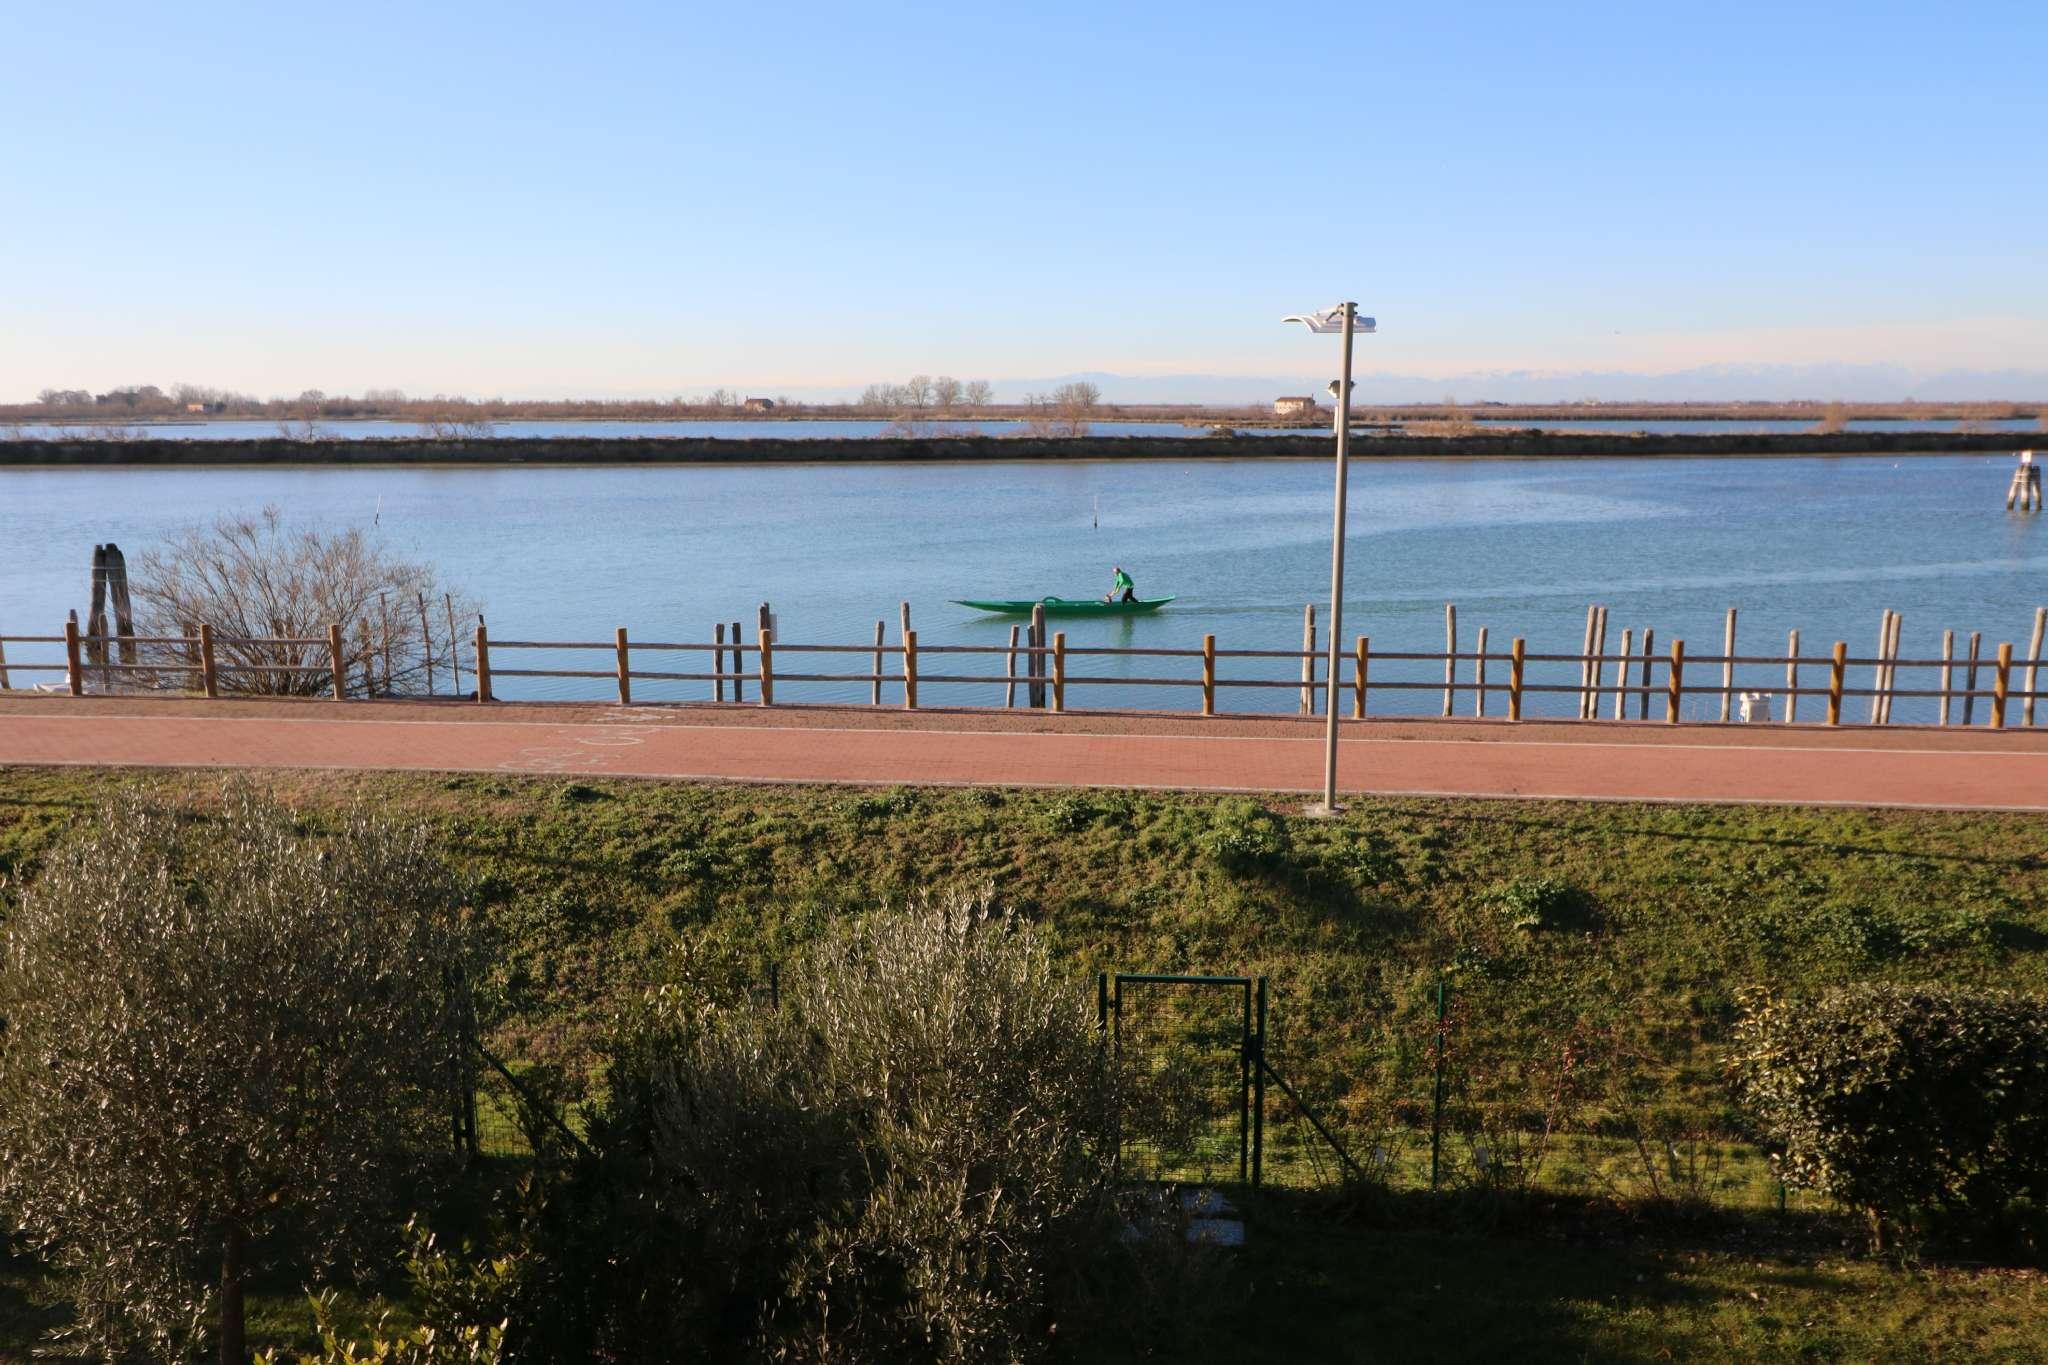 Appartamento in vendita a Cavallino-Treporti, 3 locali, prezzo € 244.000 | PortaleAgenzieImmobiliari.it